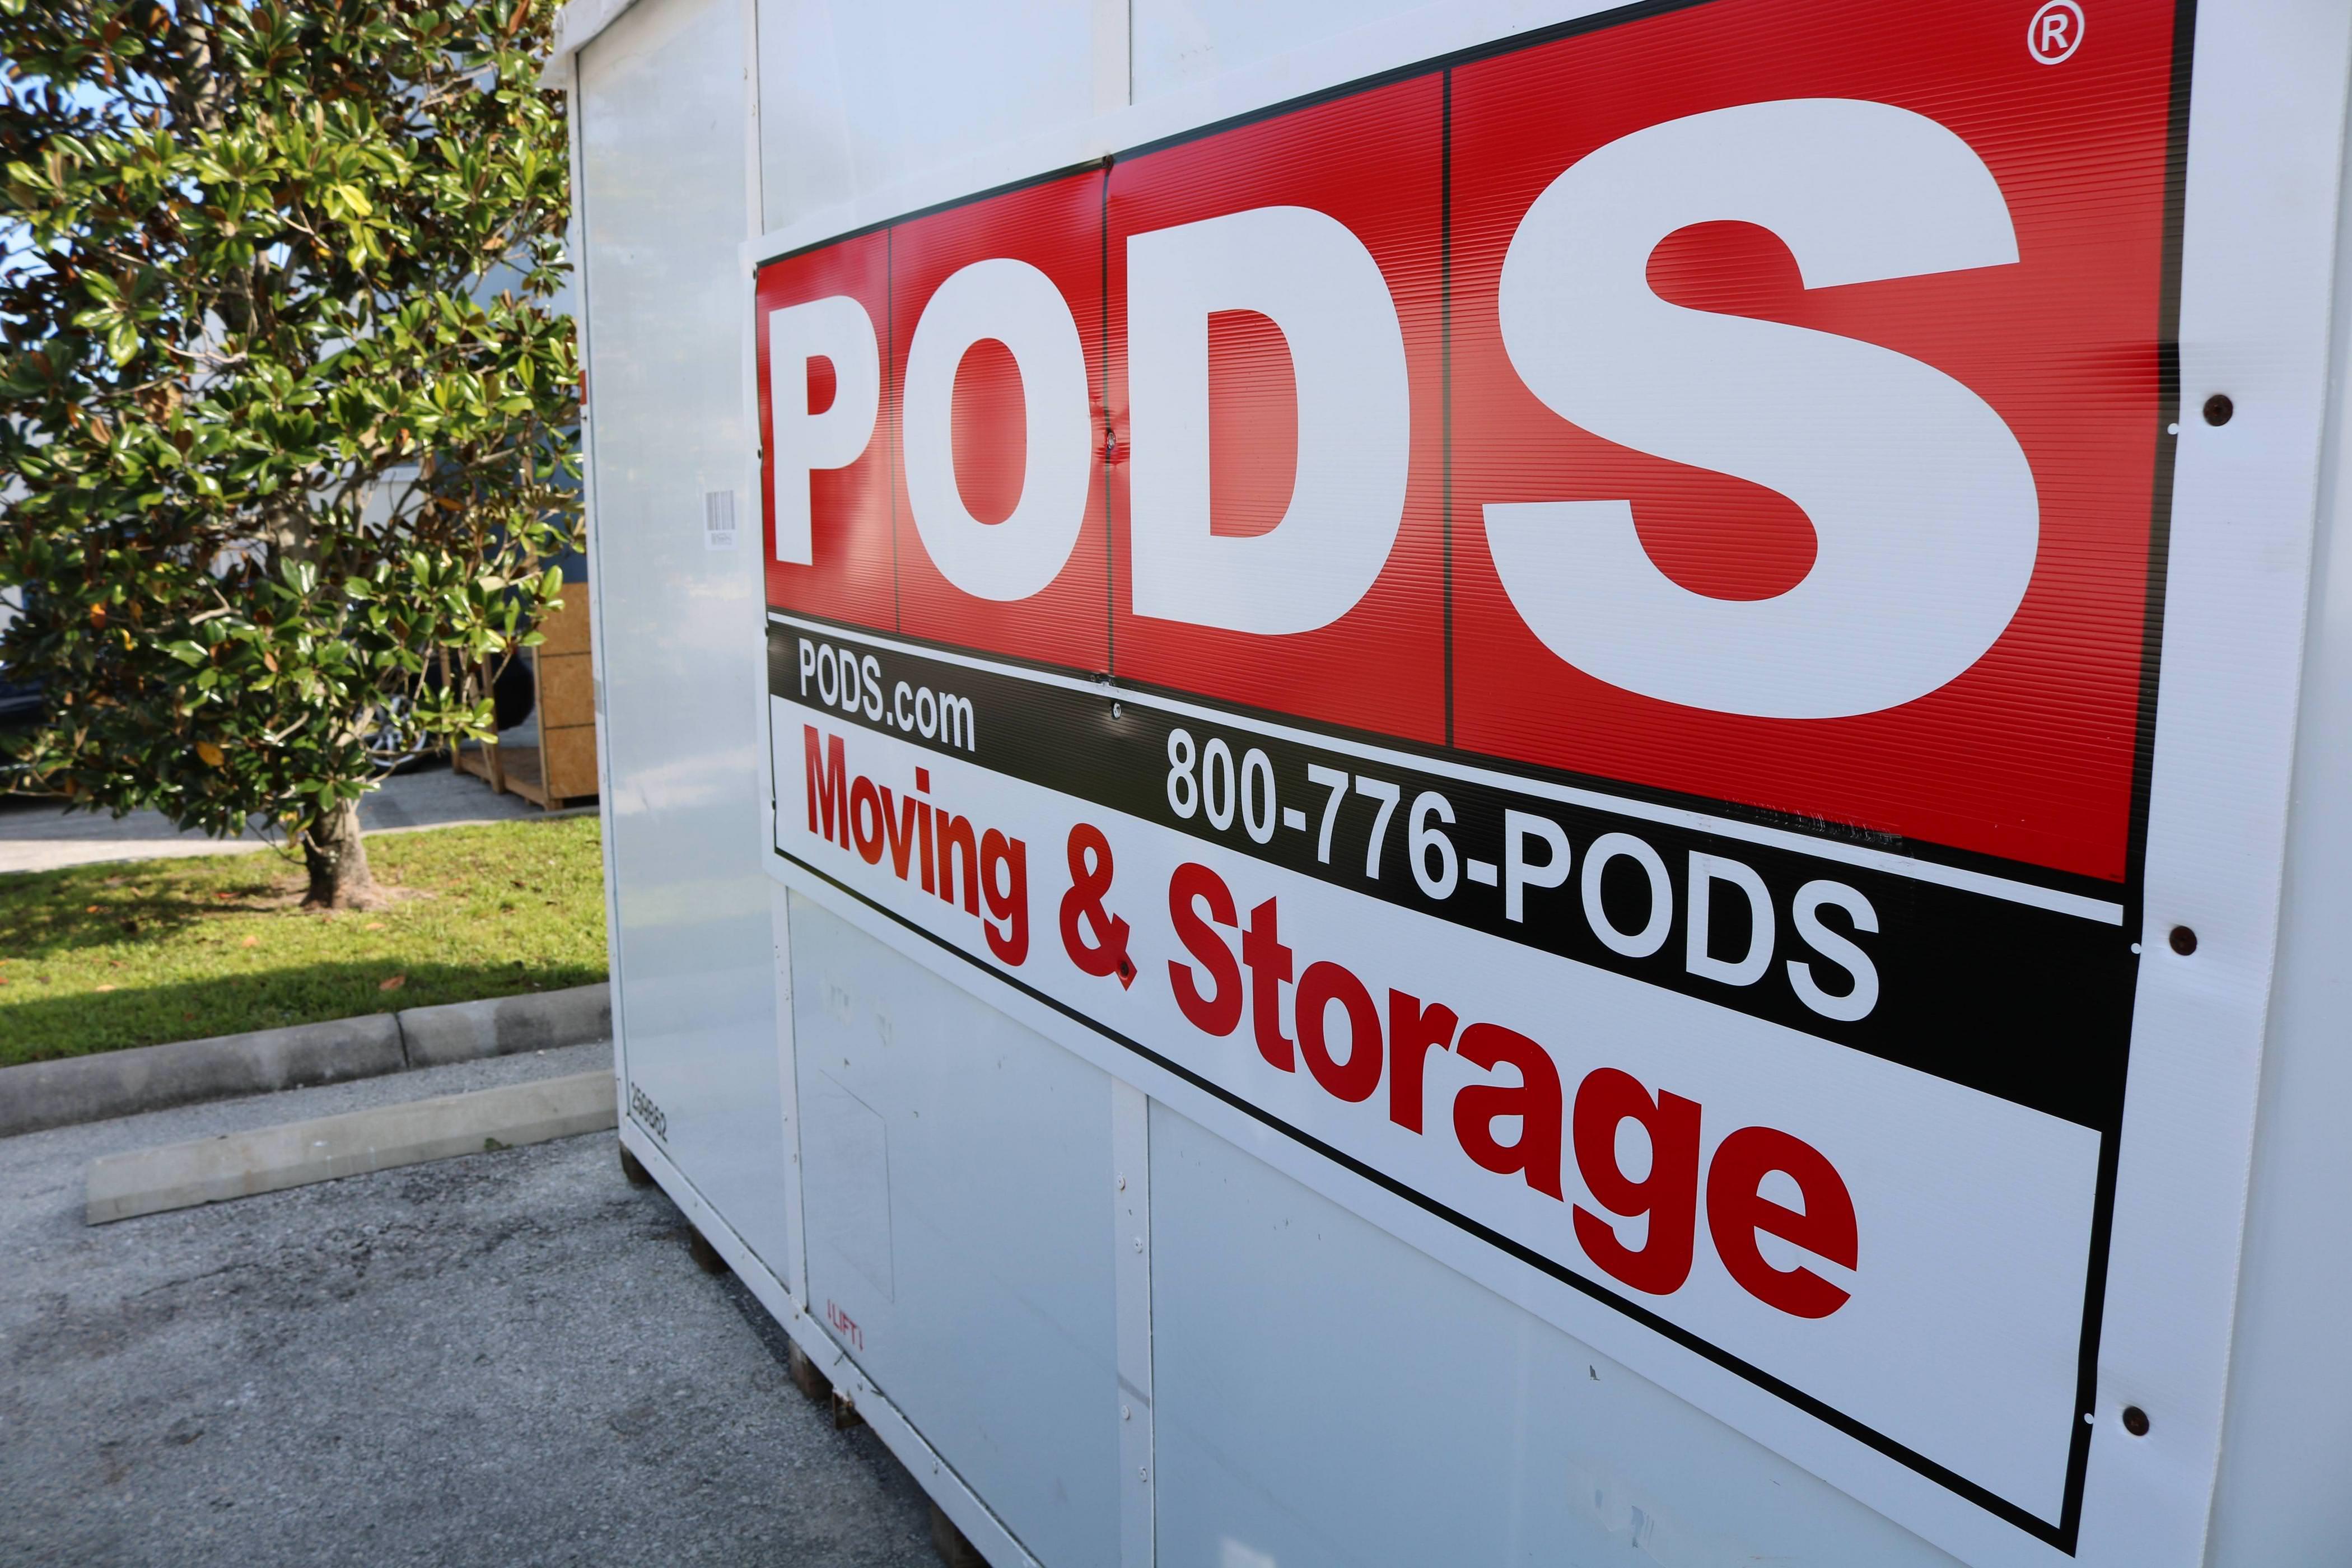 PODS - Fort Lauderdale, FL